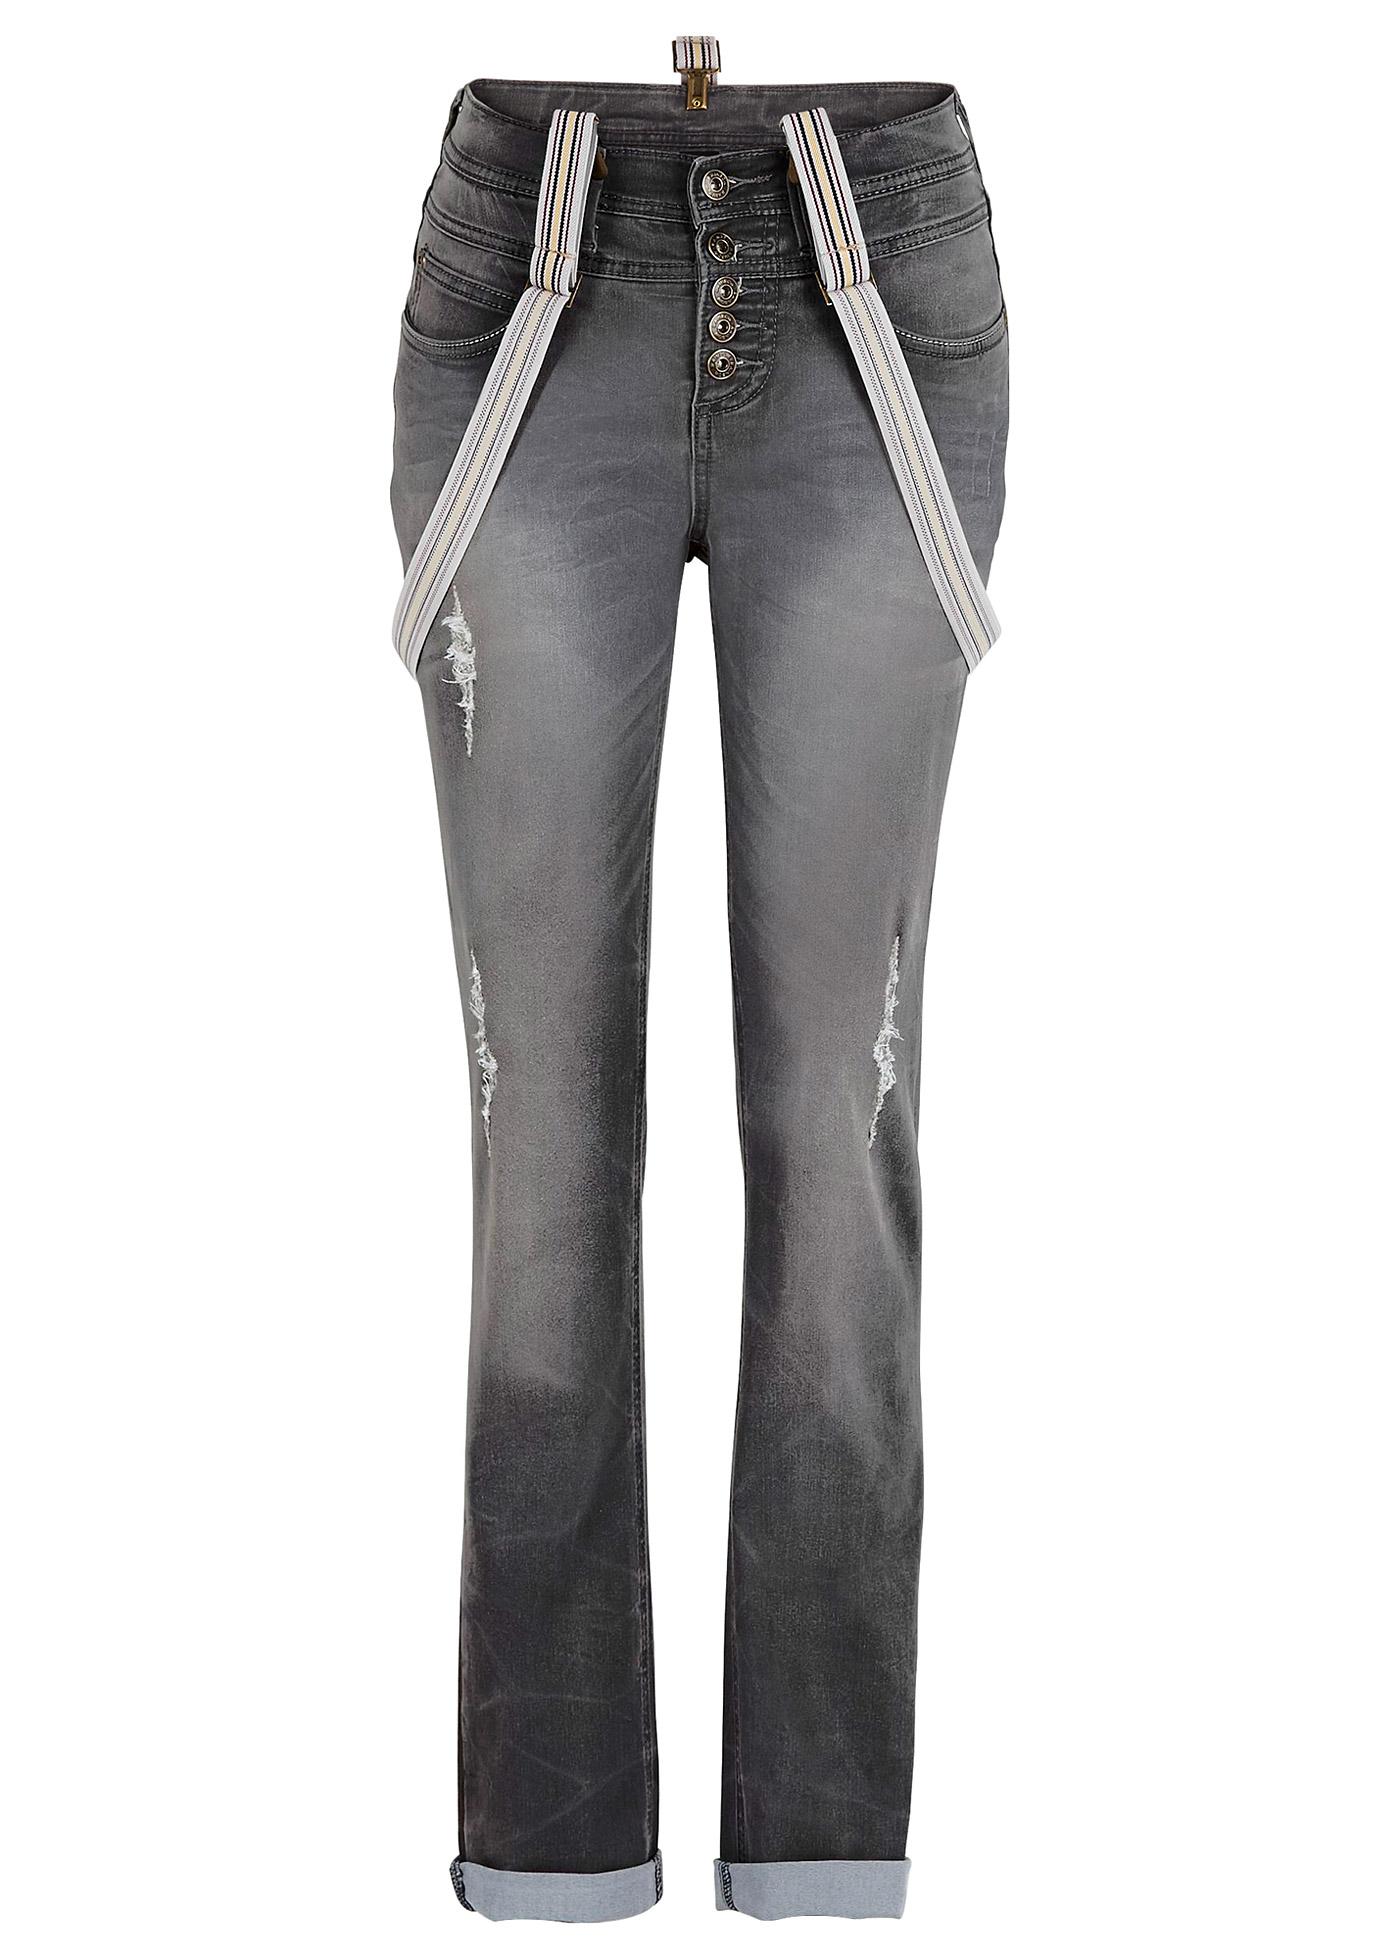 Jeans mit Hosenträgern in grau für Damen von bonprix Damenmode > Damenbekleidung > Jeans > lange Jeans